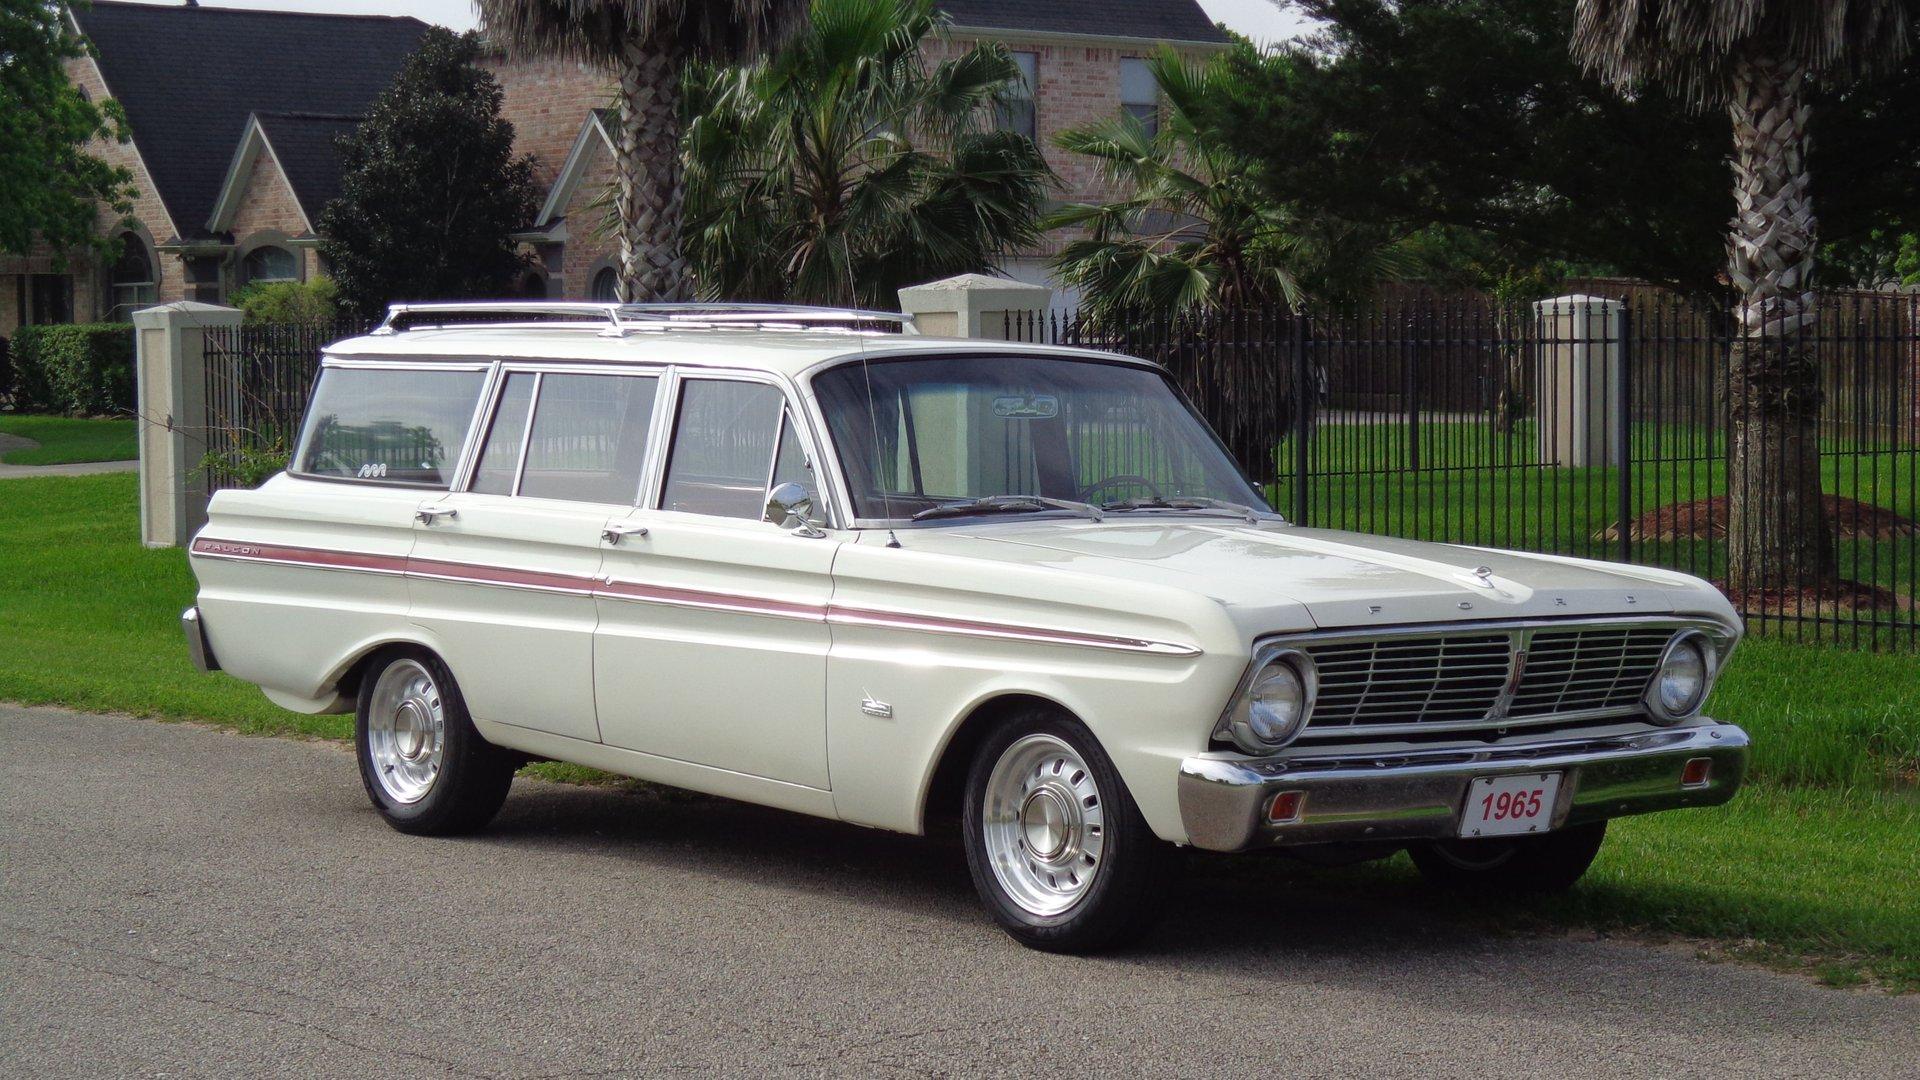 1965 ford falcon squire